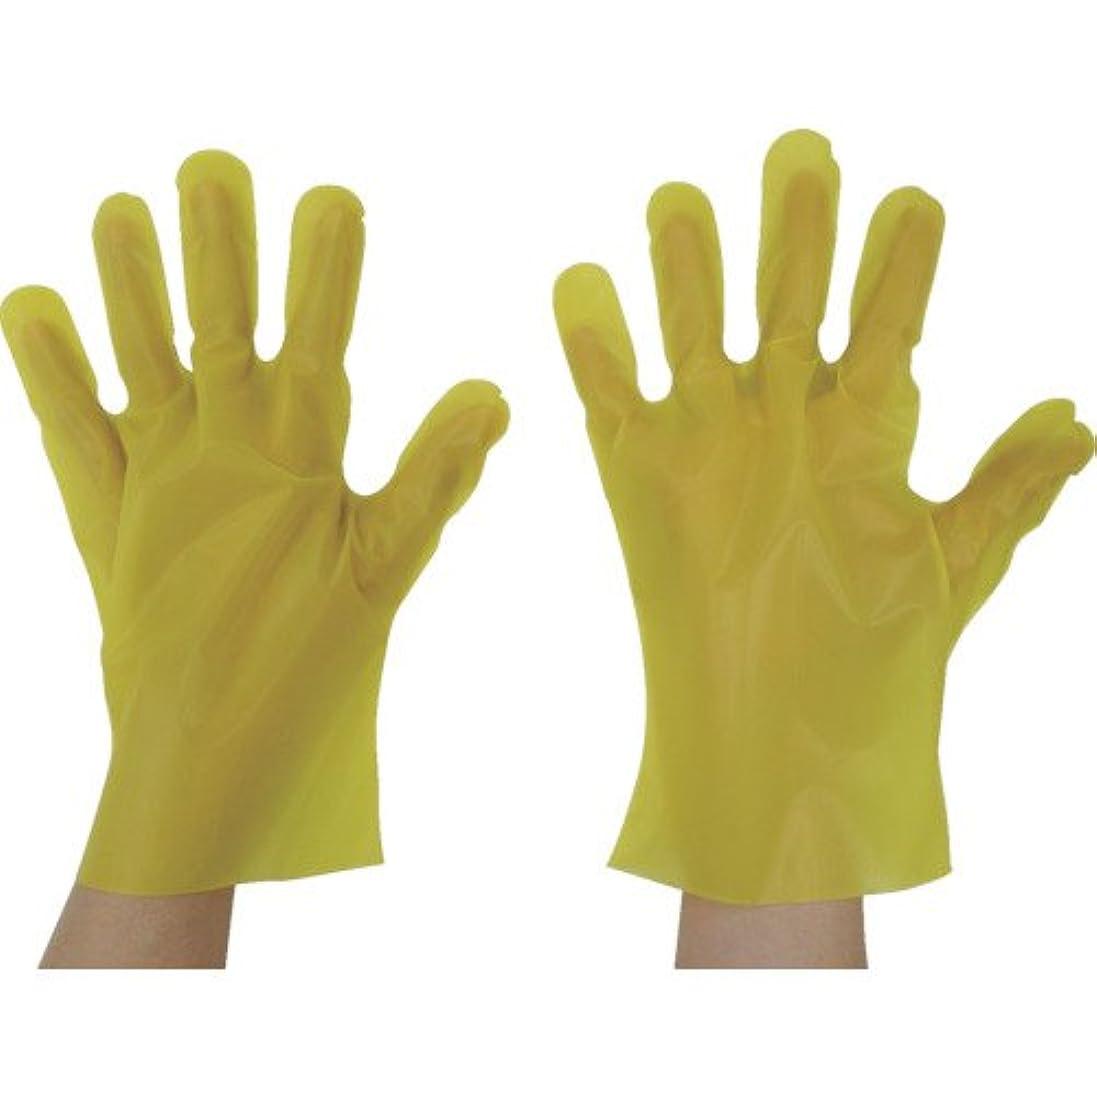 現実的出会い手段東京パック エンボス手袋五本絞りエコノミー化粧箱S イエロー YEK-S